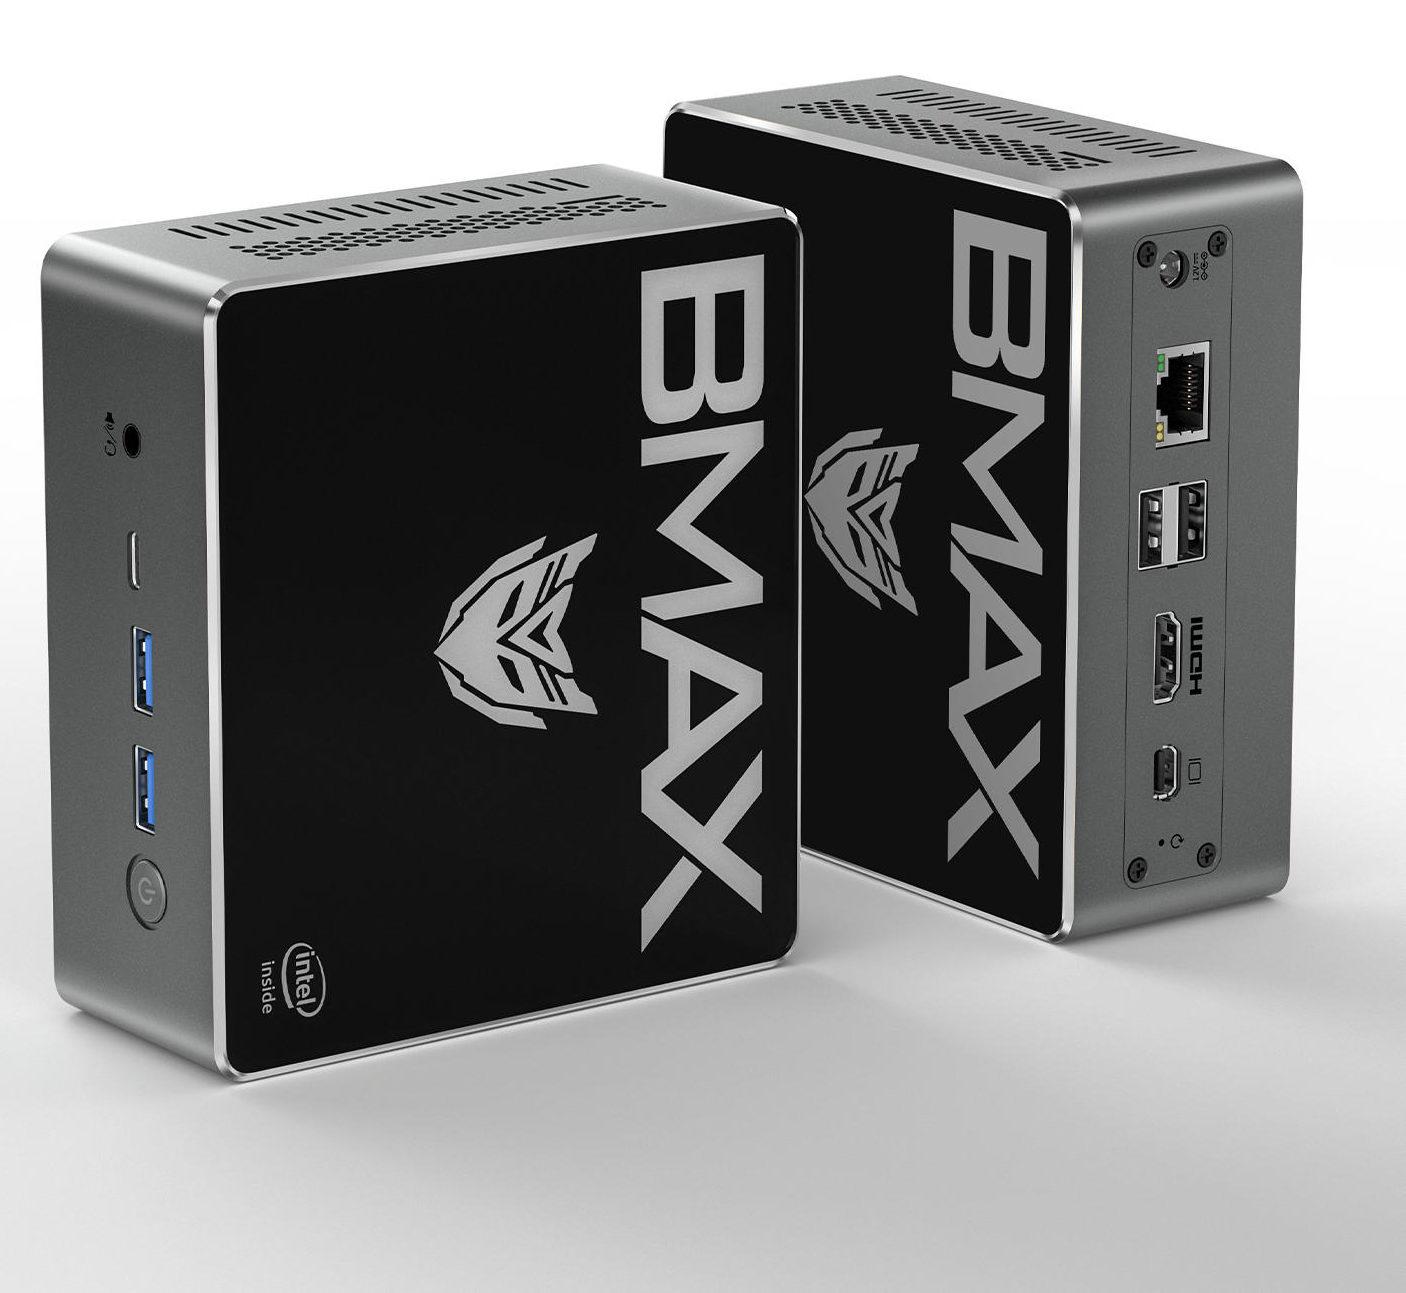 BMAX B3 Plus, il mini PC da tavolo e portatile con 8GB di RAM e 256GB di SSD a 303,60 euro